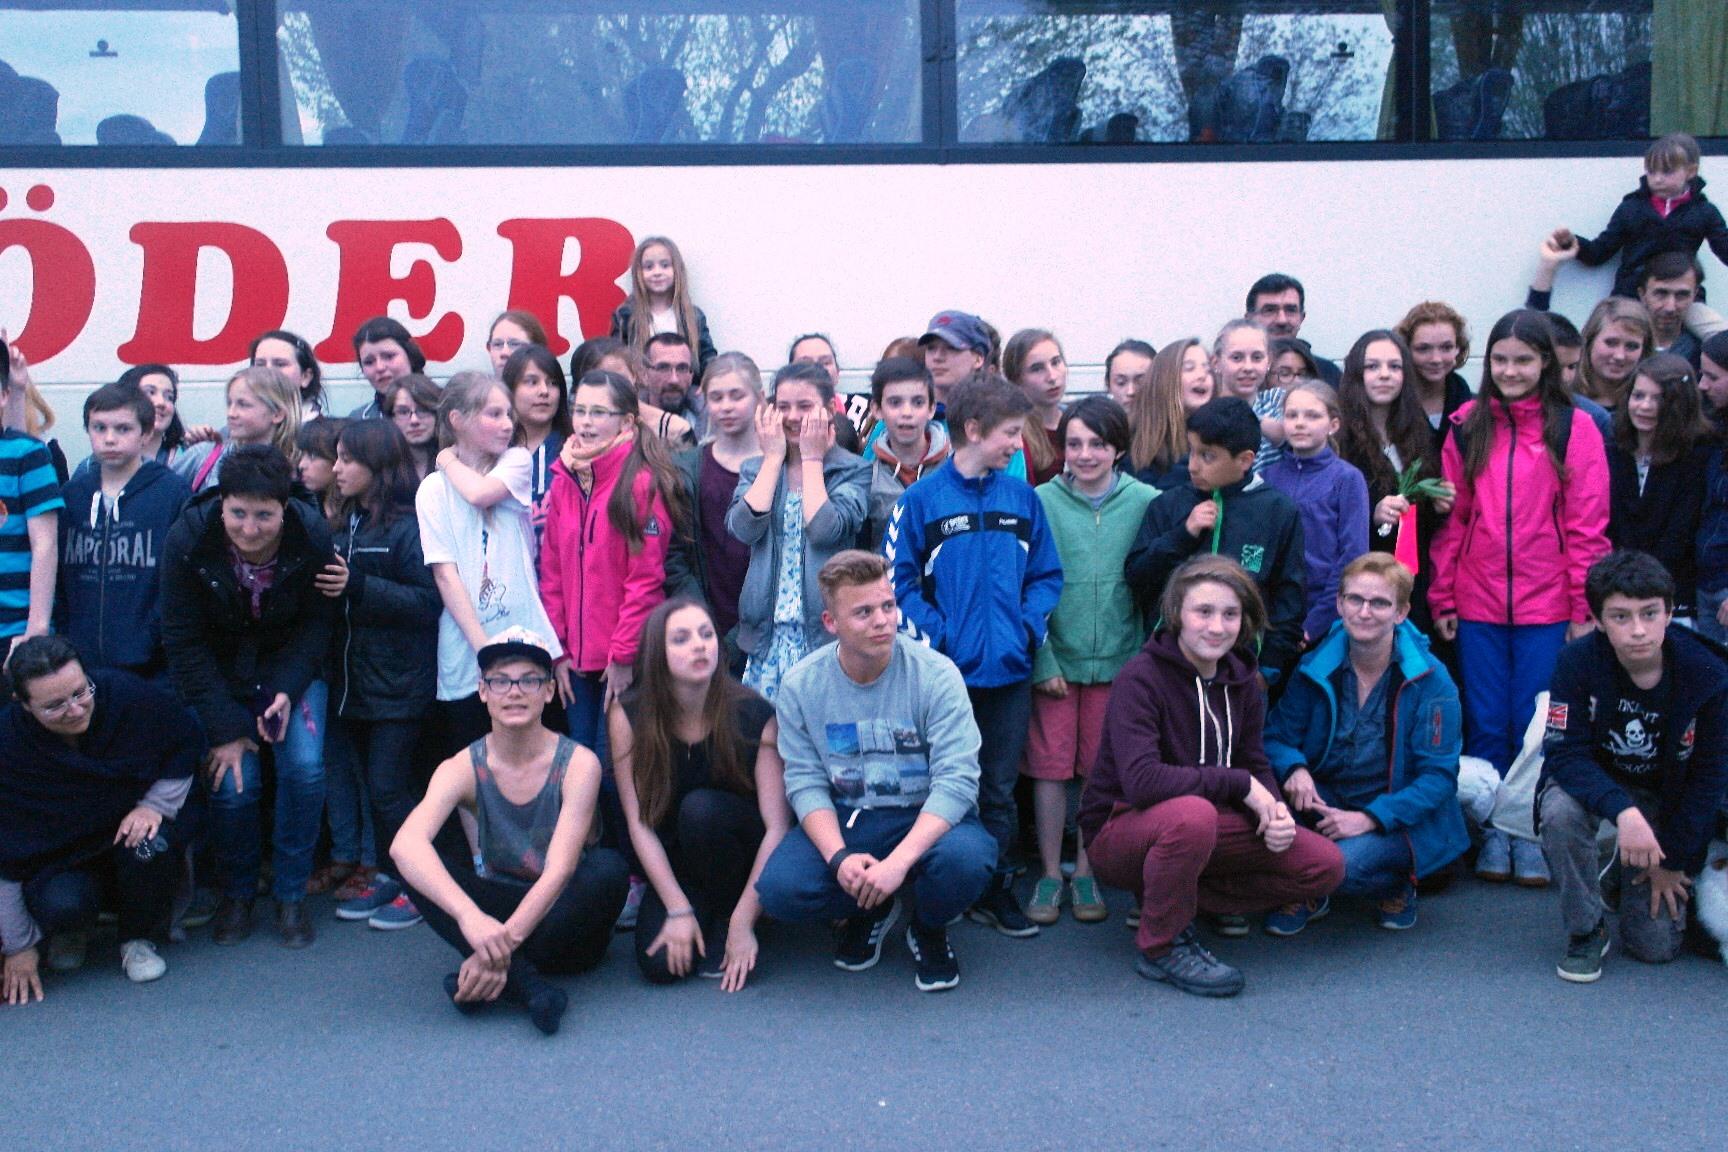 Das war vor einem Jahr. In La Rochefoucauld - der Abschied. Bald gibt es ein Wiedersehen in Jena.